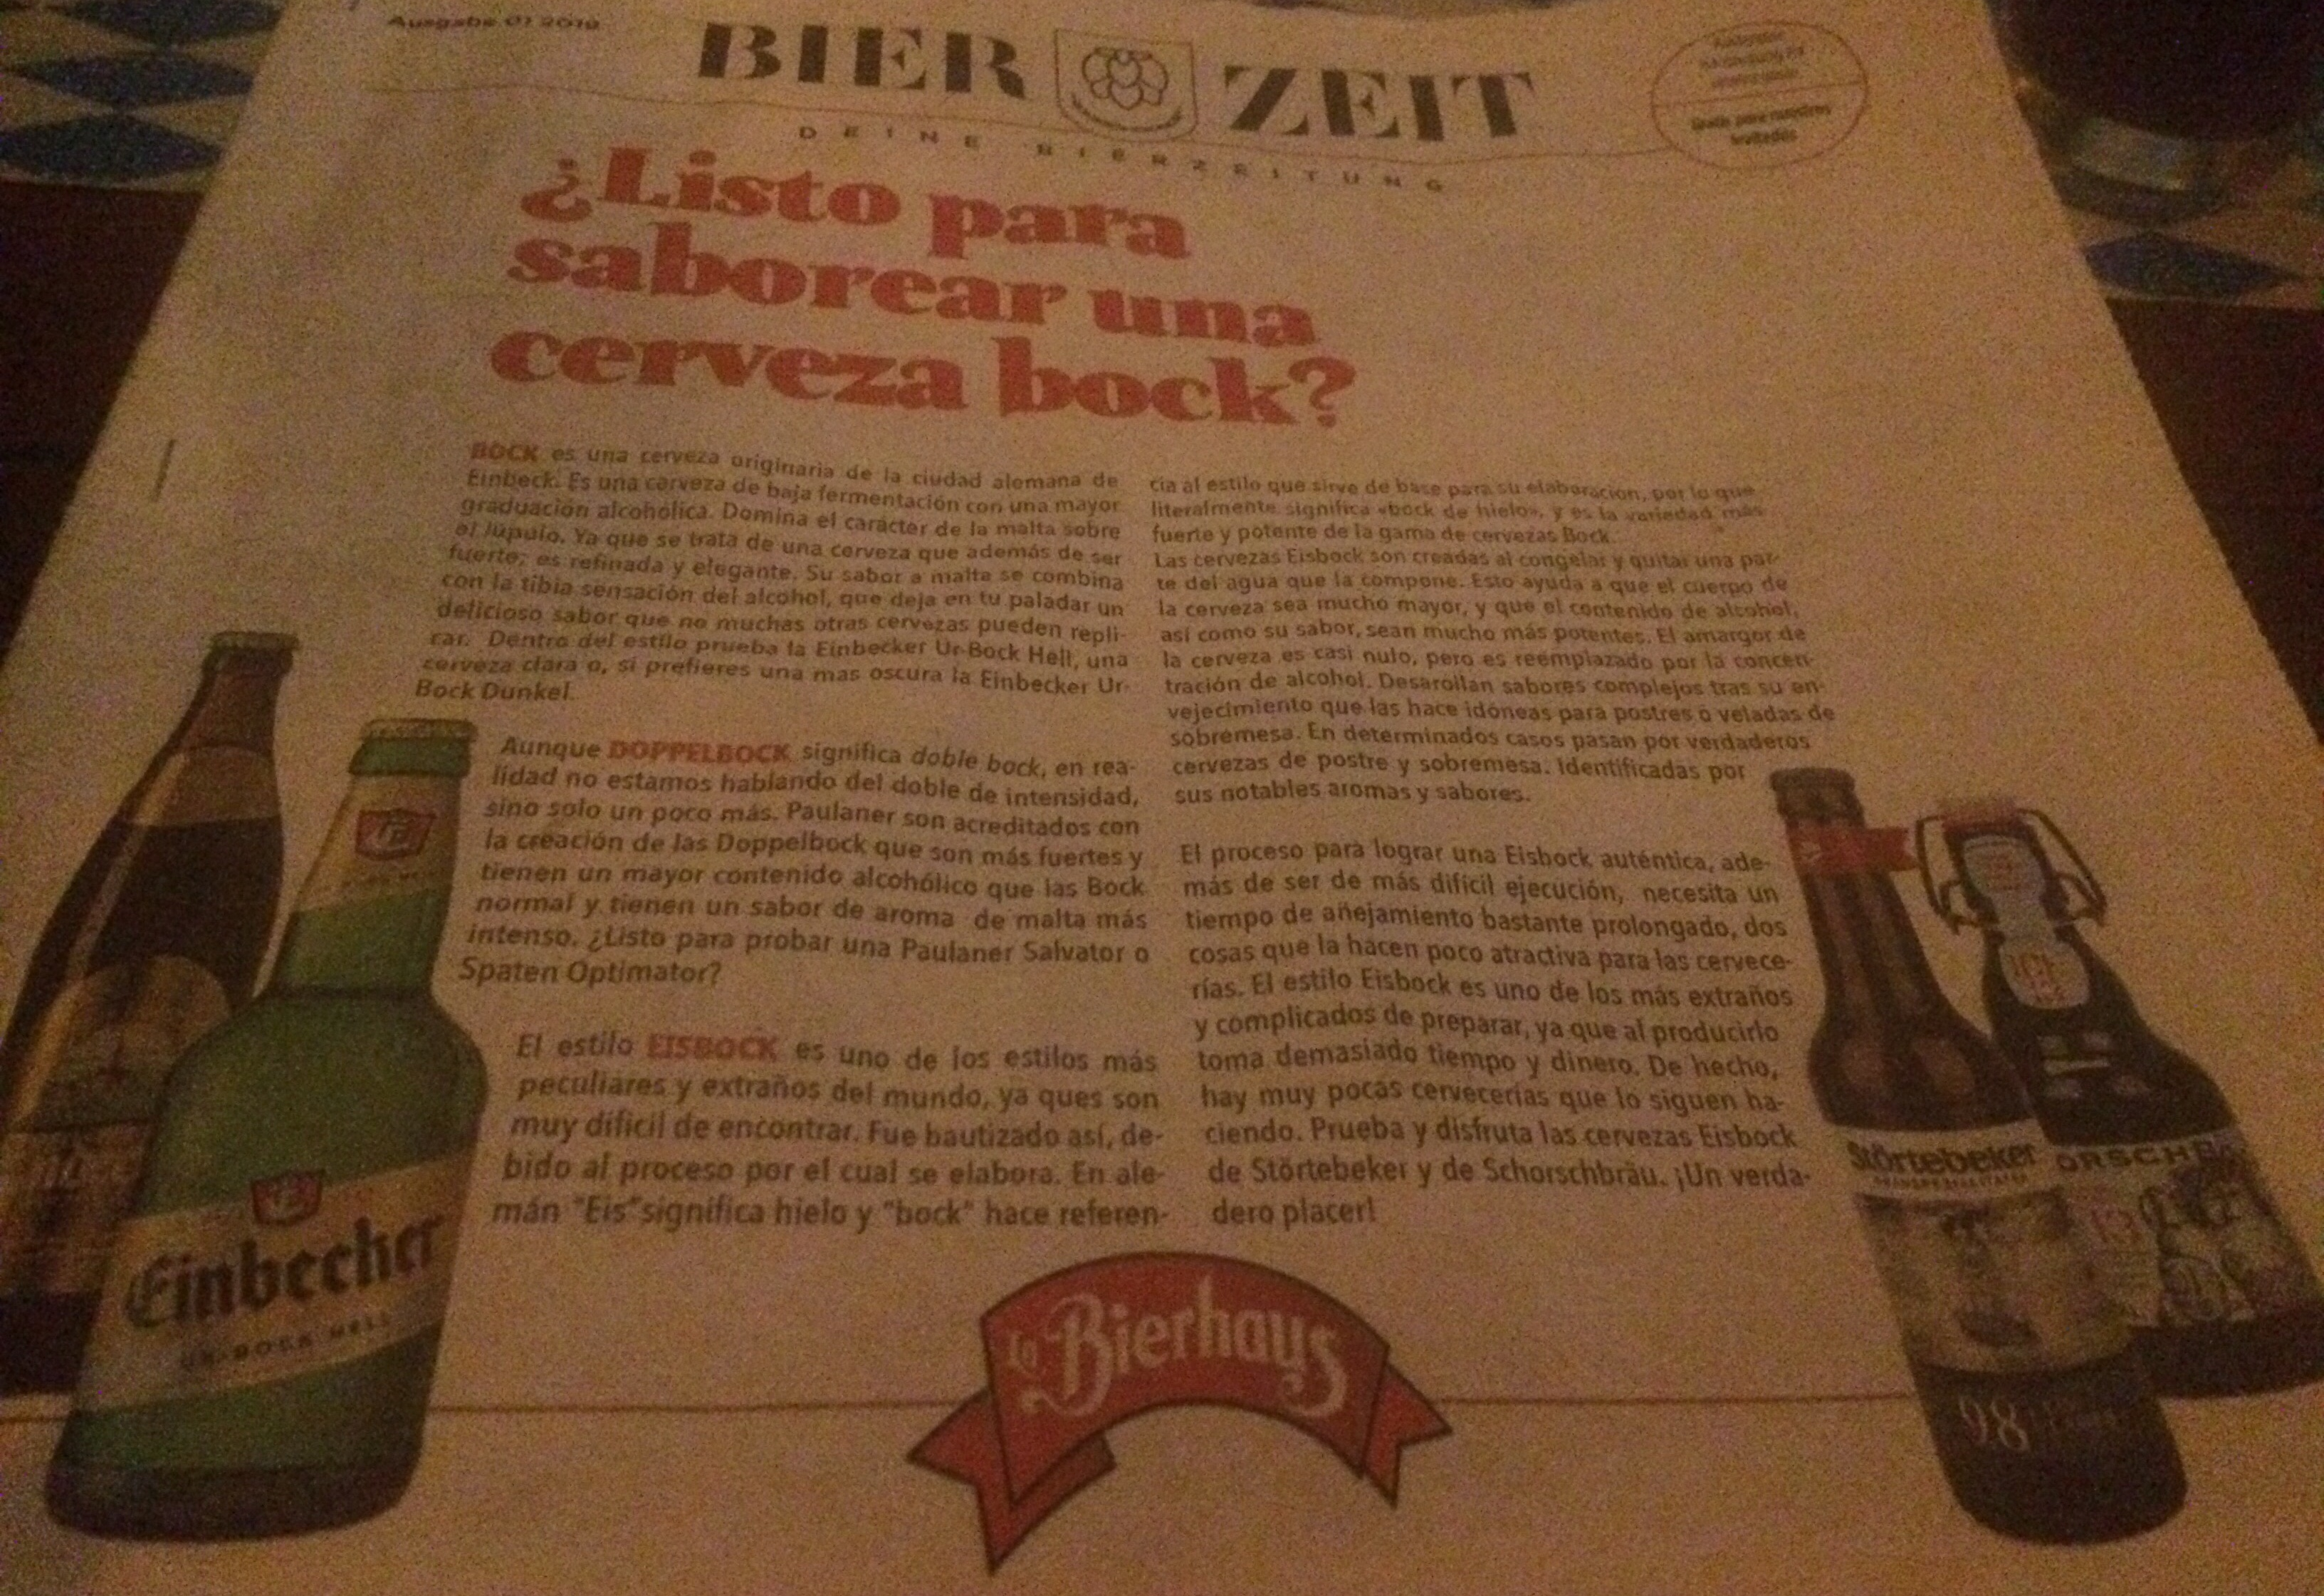 Article in Spanish on German bock style beer